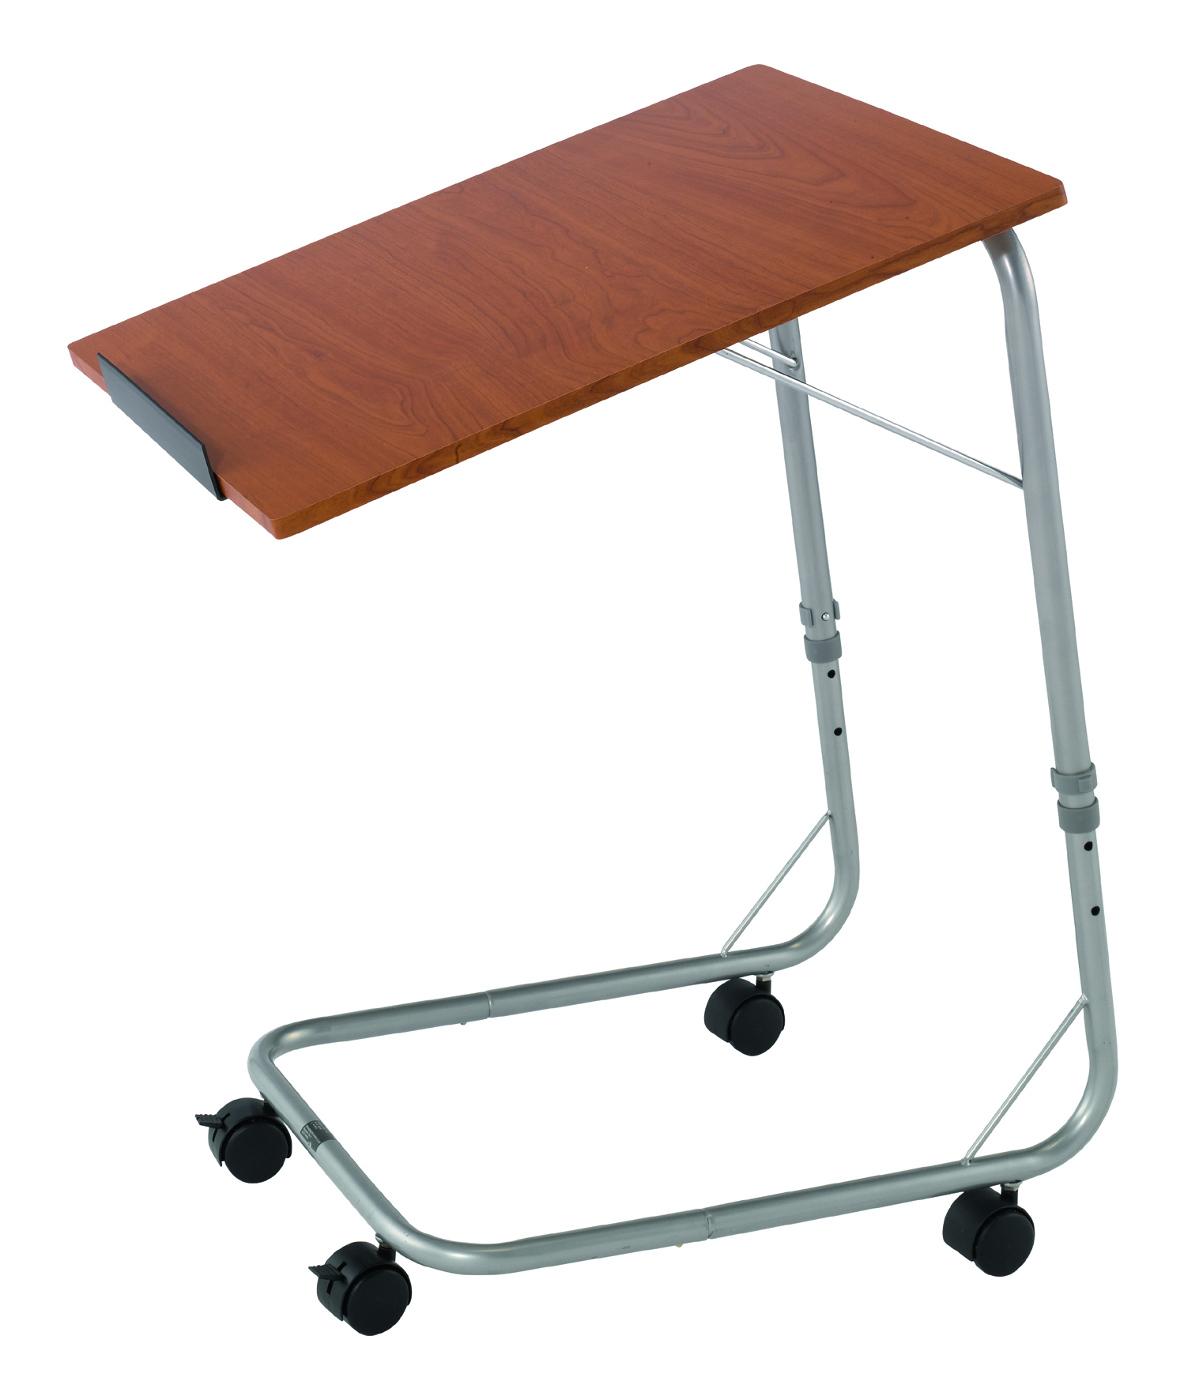 Beistelltisch Holz Auf Rollen ~ Beistelltisch Rollen Krankenbett fahrbar hoehenverstellbar Holz Tisch